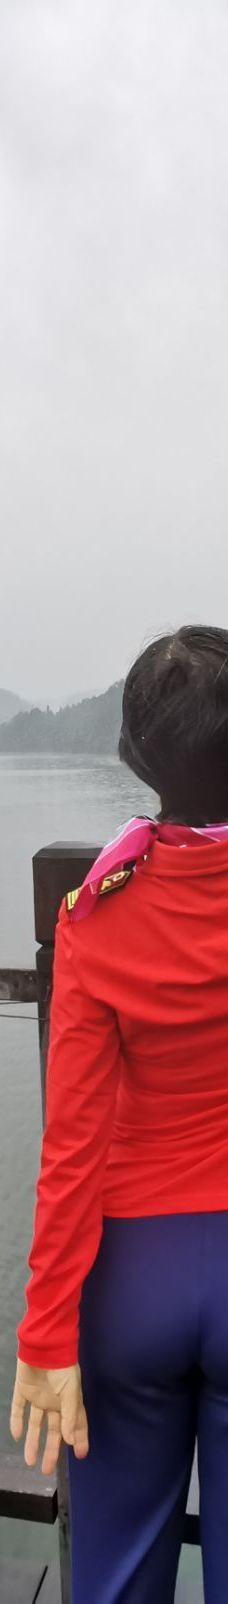 天柱峰国家森林公园-铜鼓